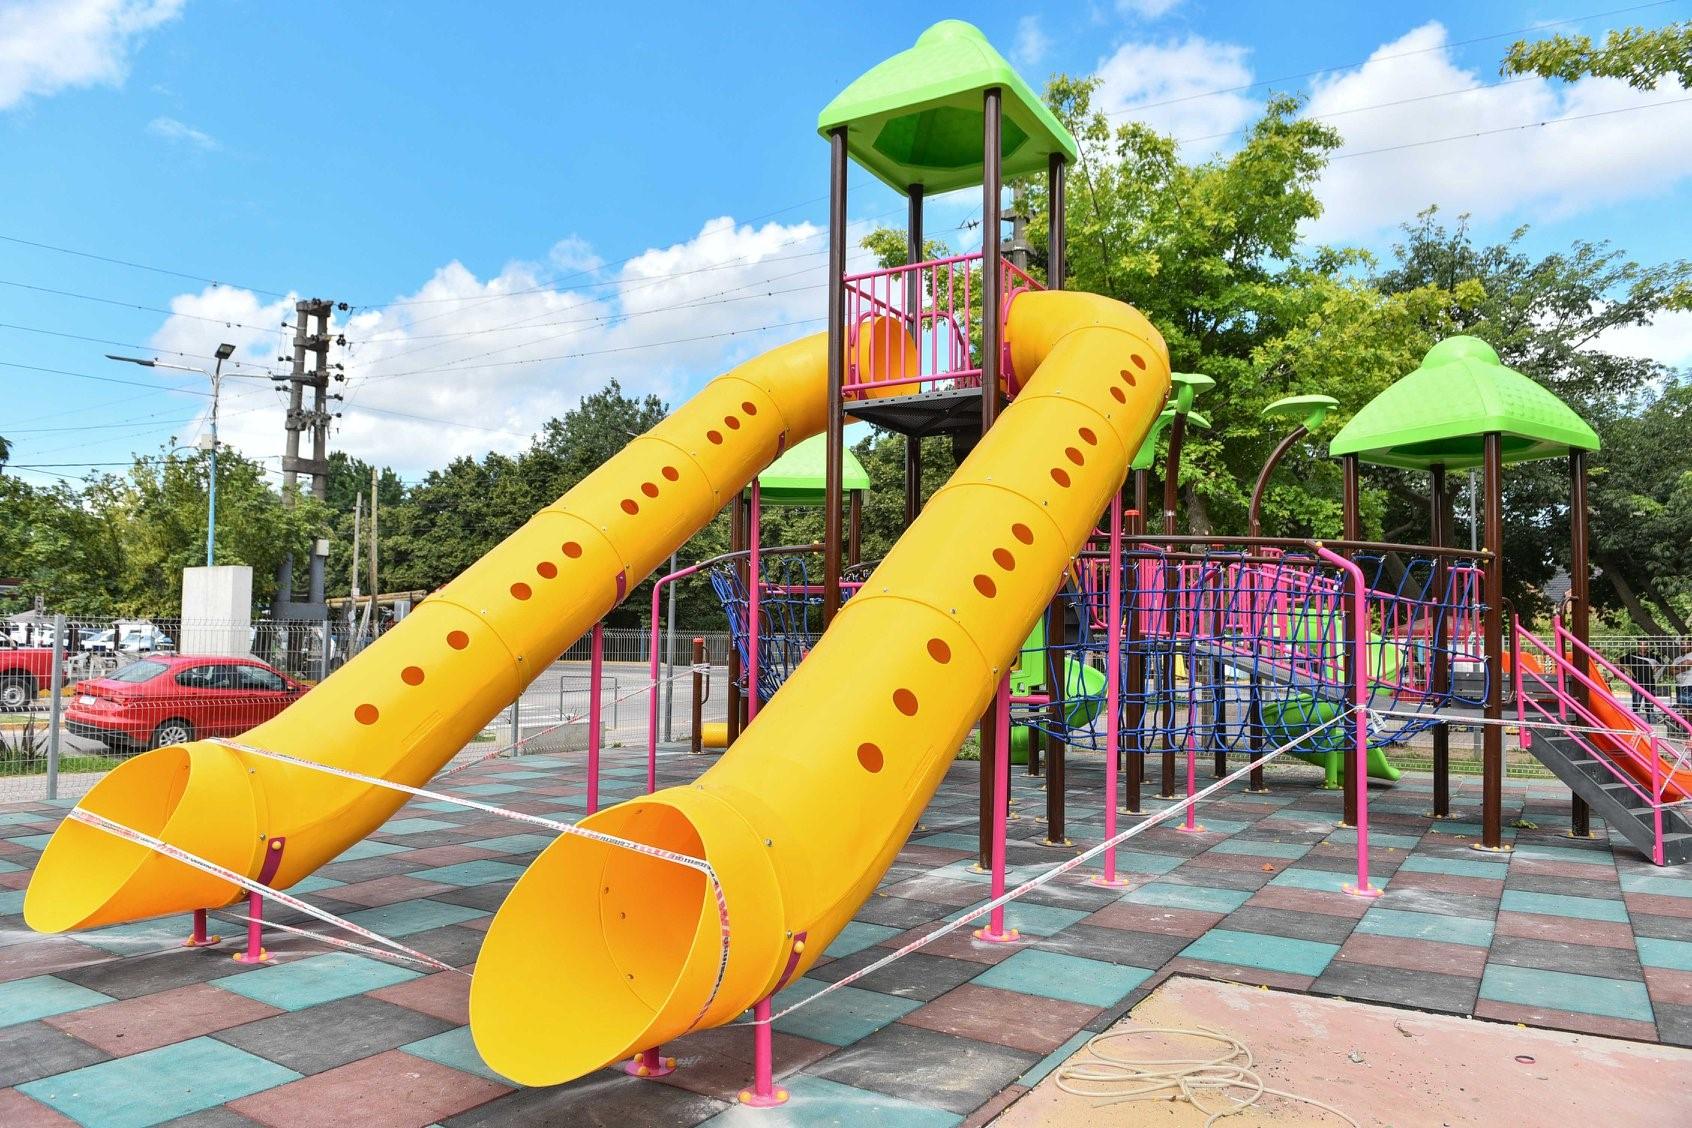 cabd71035 Maquinista Savio: Avanza la ampliación del sector de juegos infantiles de  la plaza La Madre y El Niño